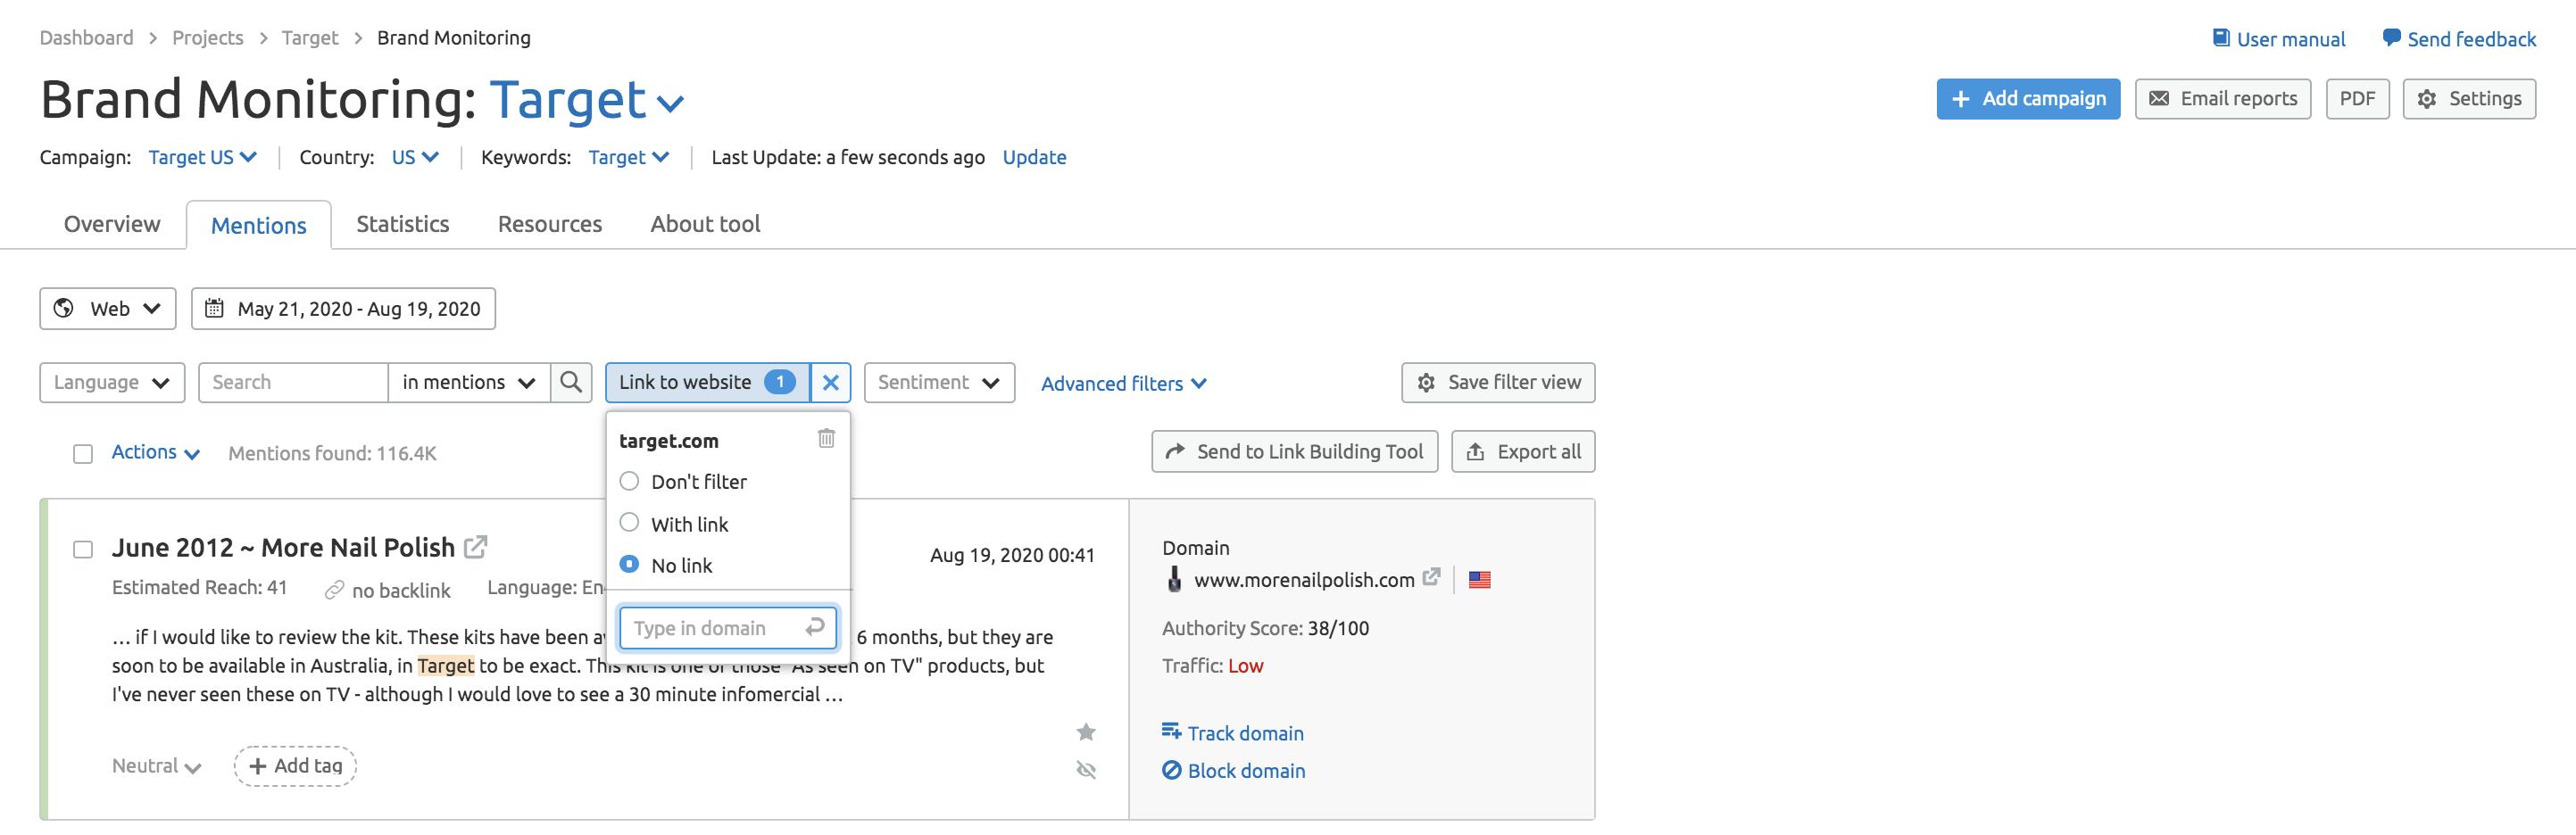 SEMrush Brand Monitoring Tool Screenshot